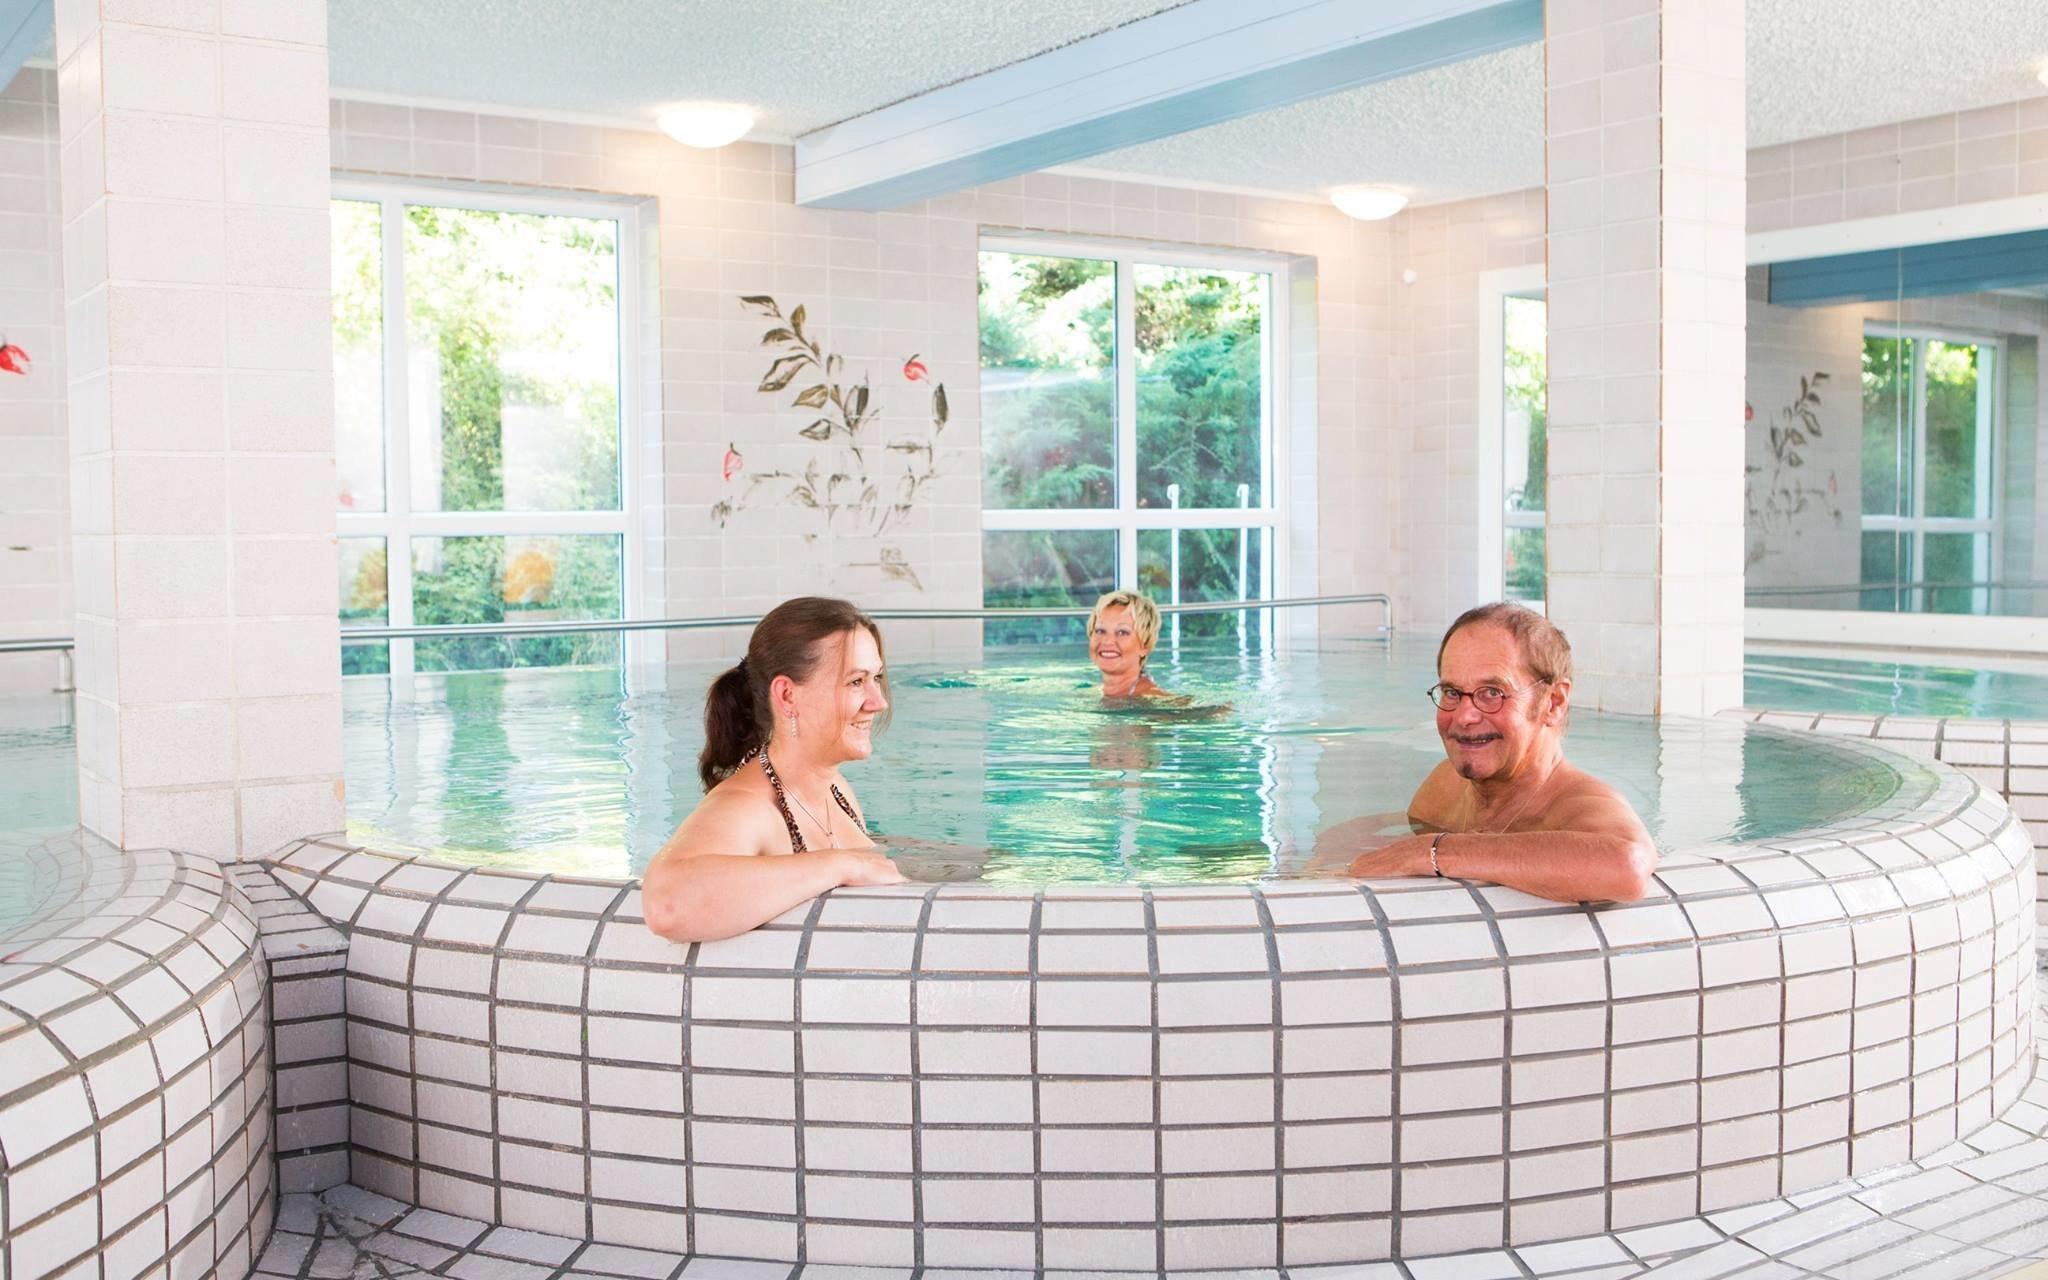 Termálne wellness, bazén, AktiVital Hotel, Nemecko